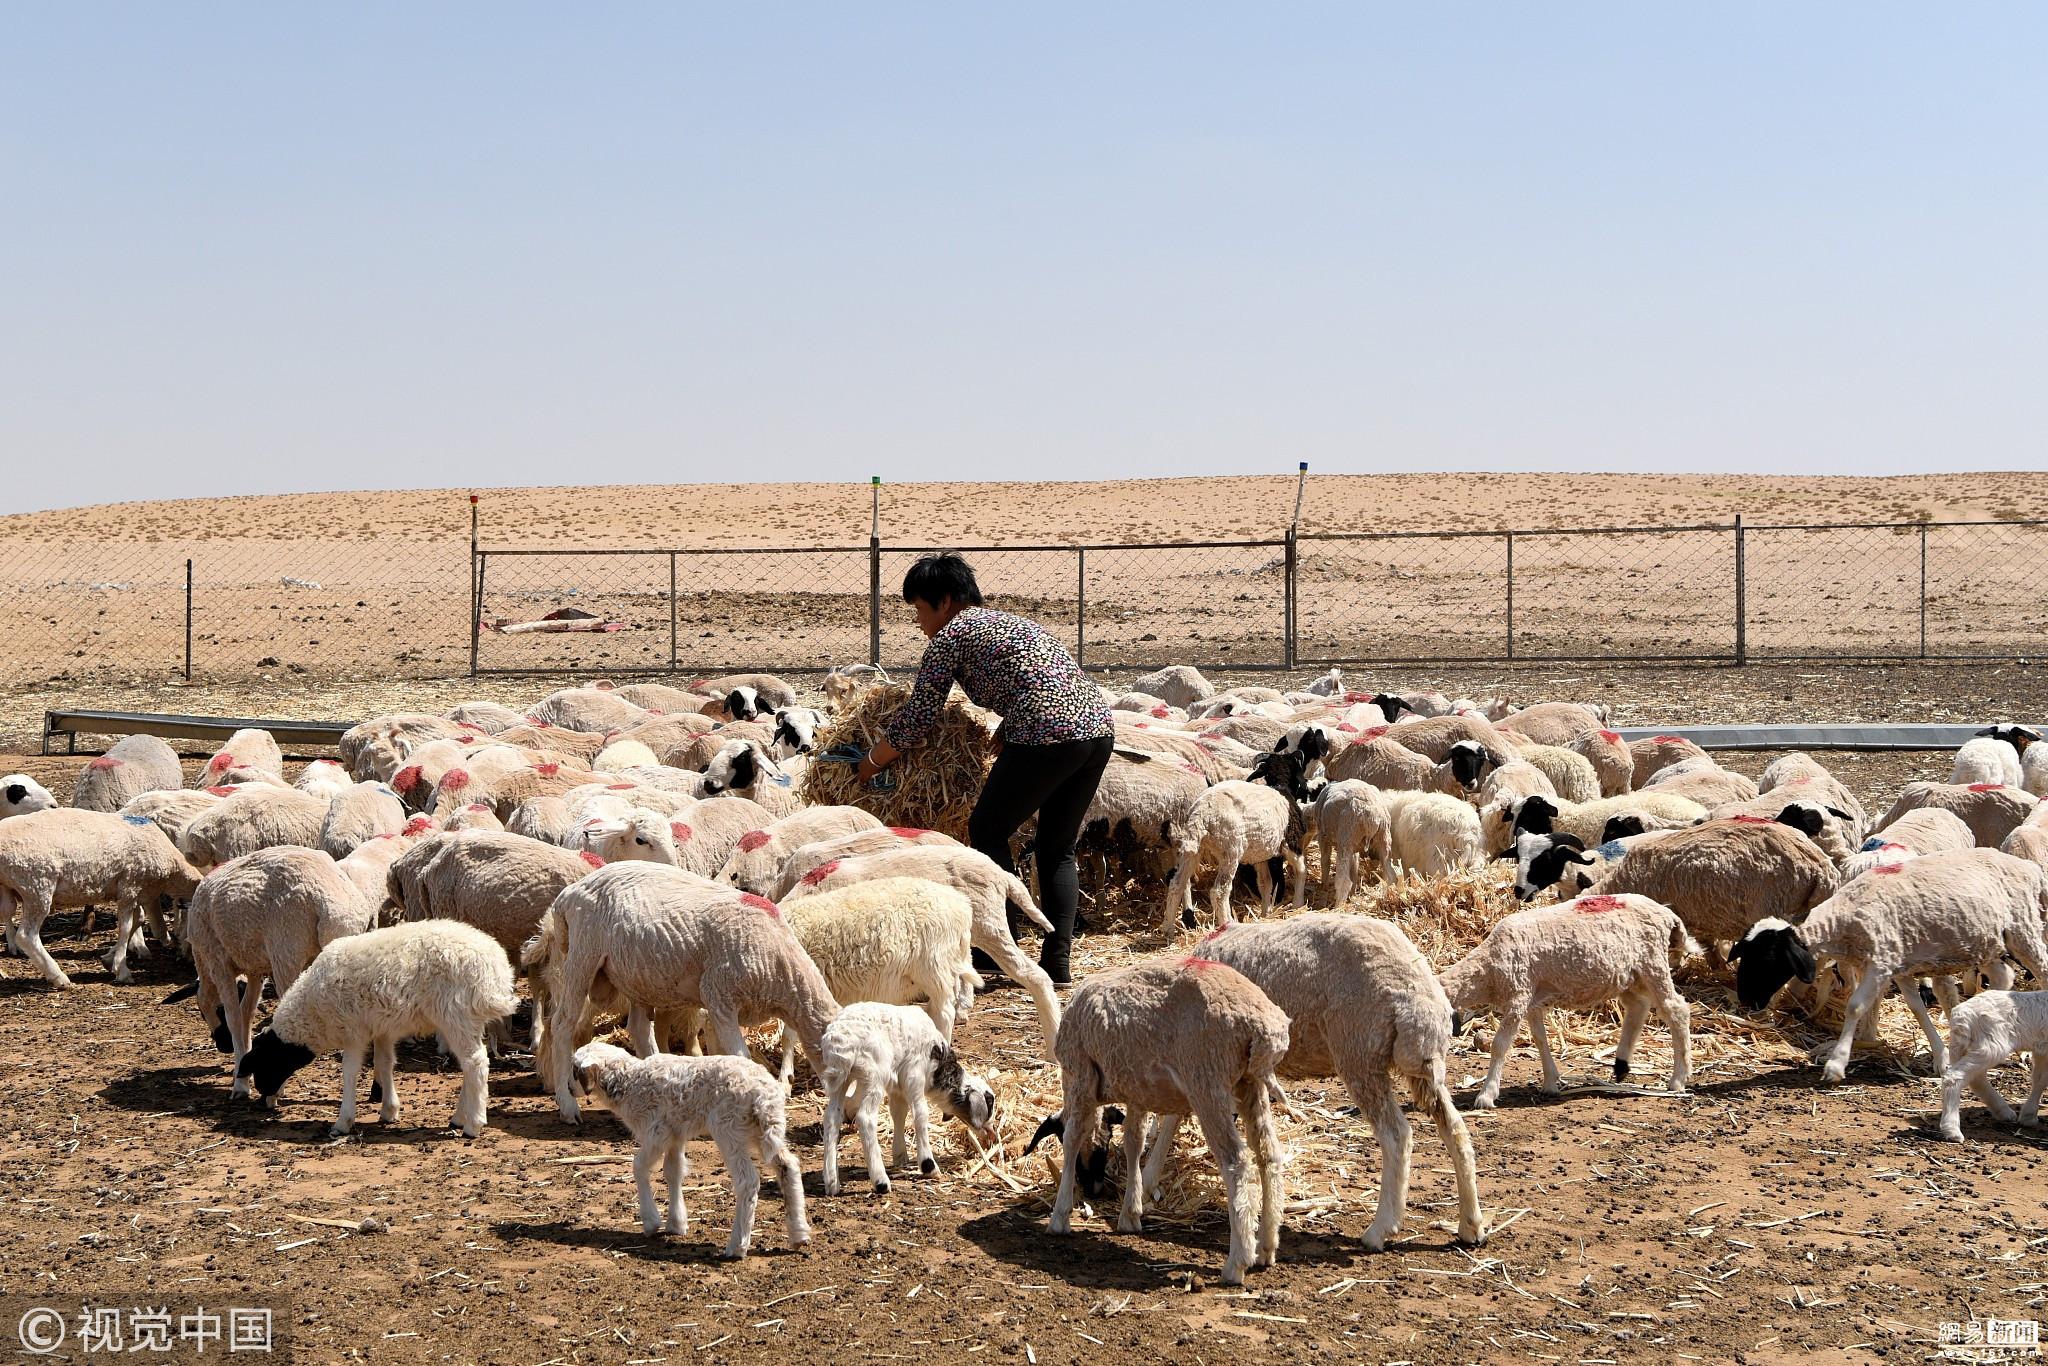 乌拉特草原现重大旱情 降水量近20年最低 ! - 周公乐 - xinhua8848 的博客